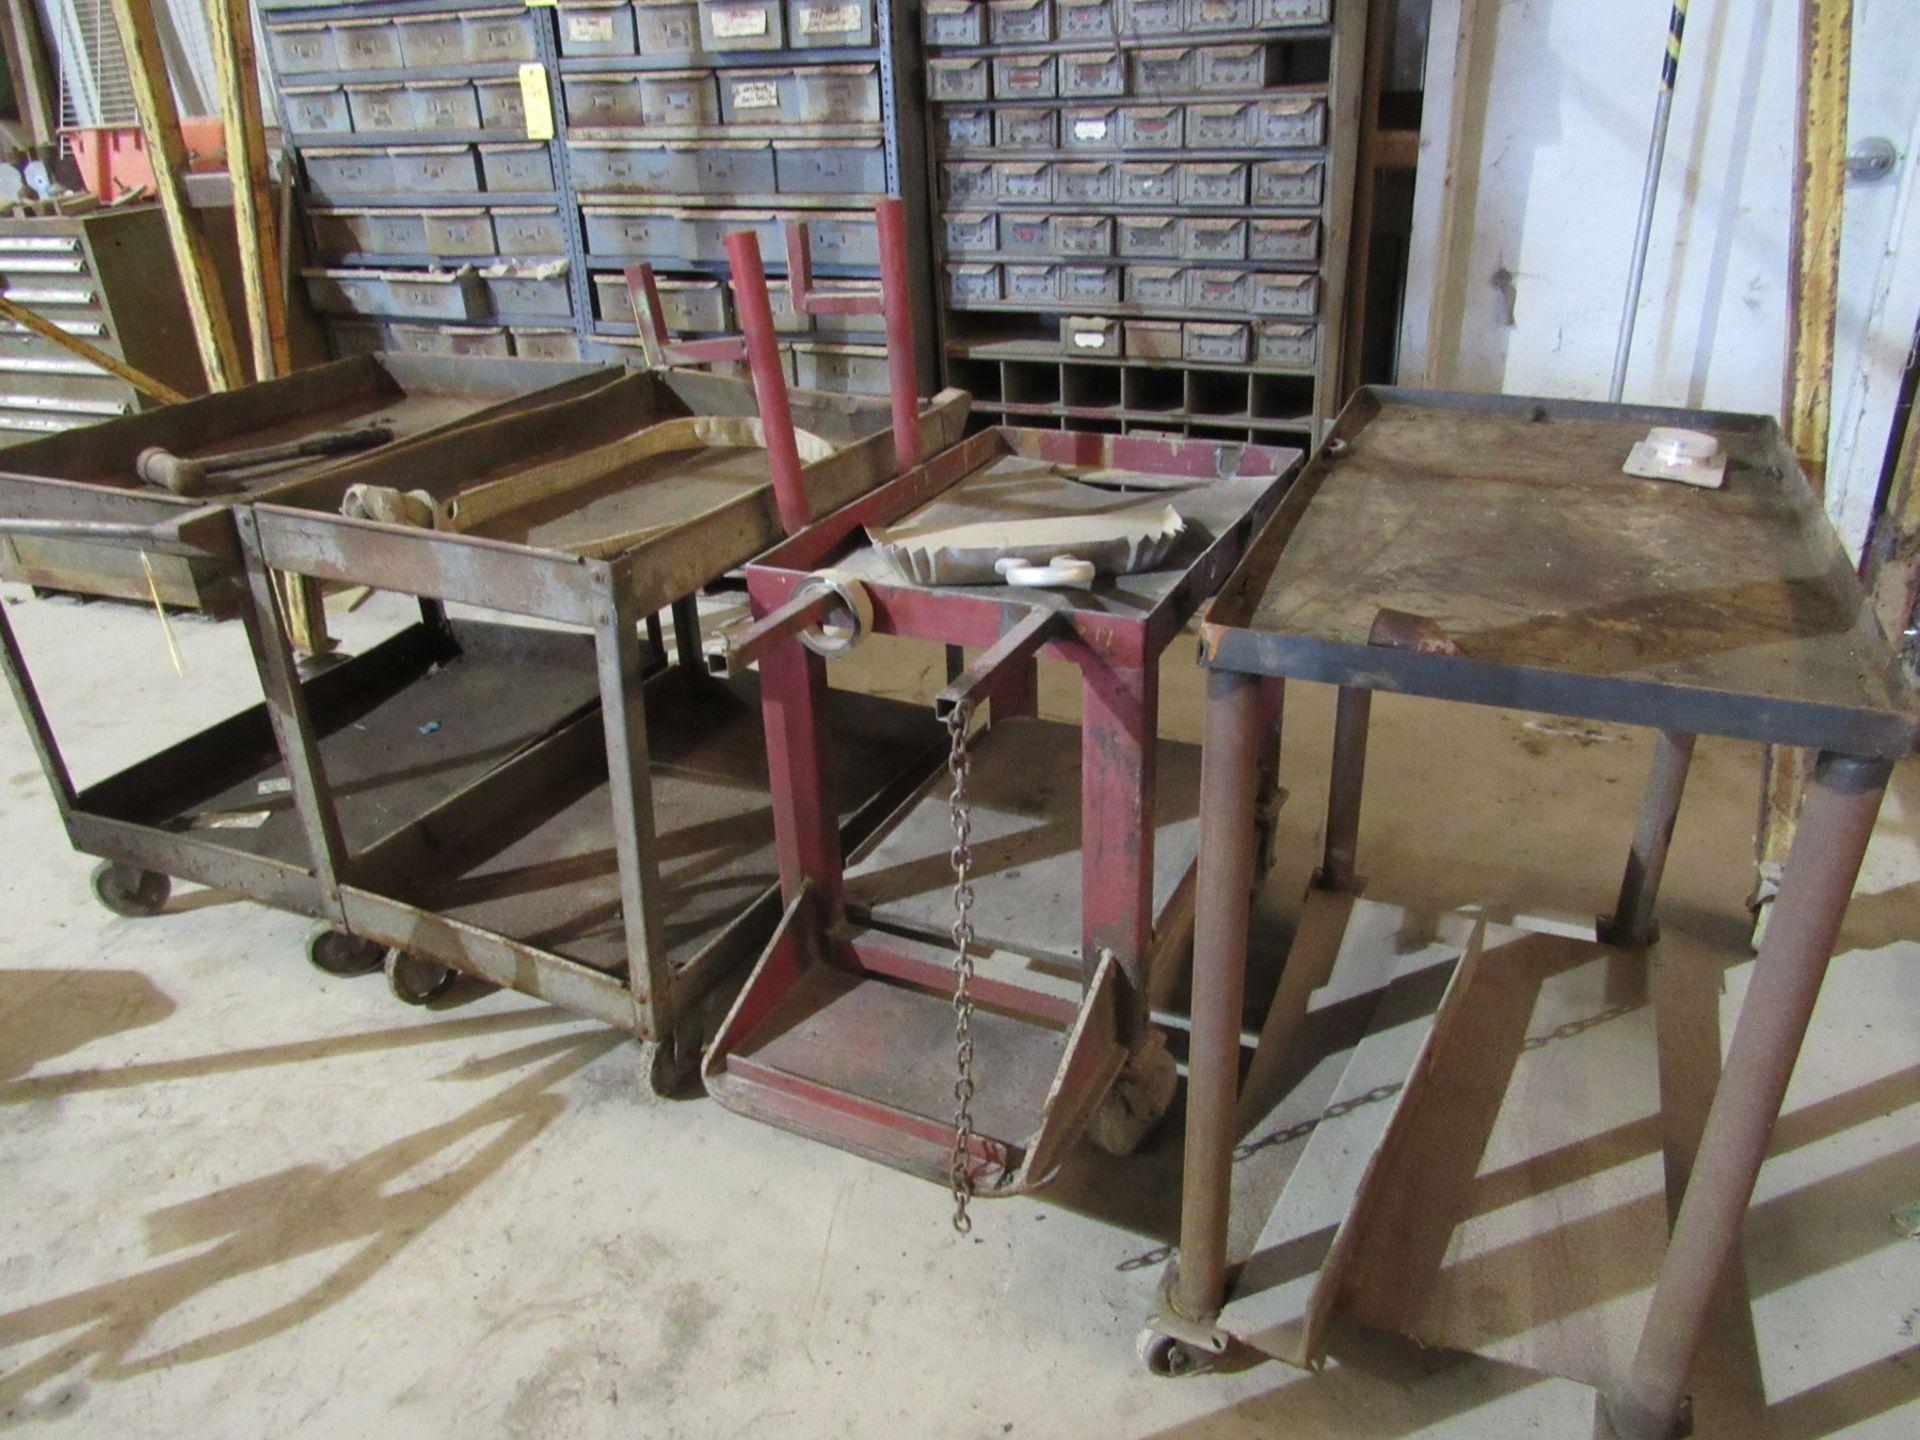 Lot of 4: Shop Carts